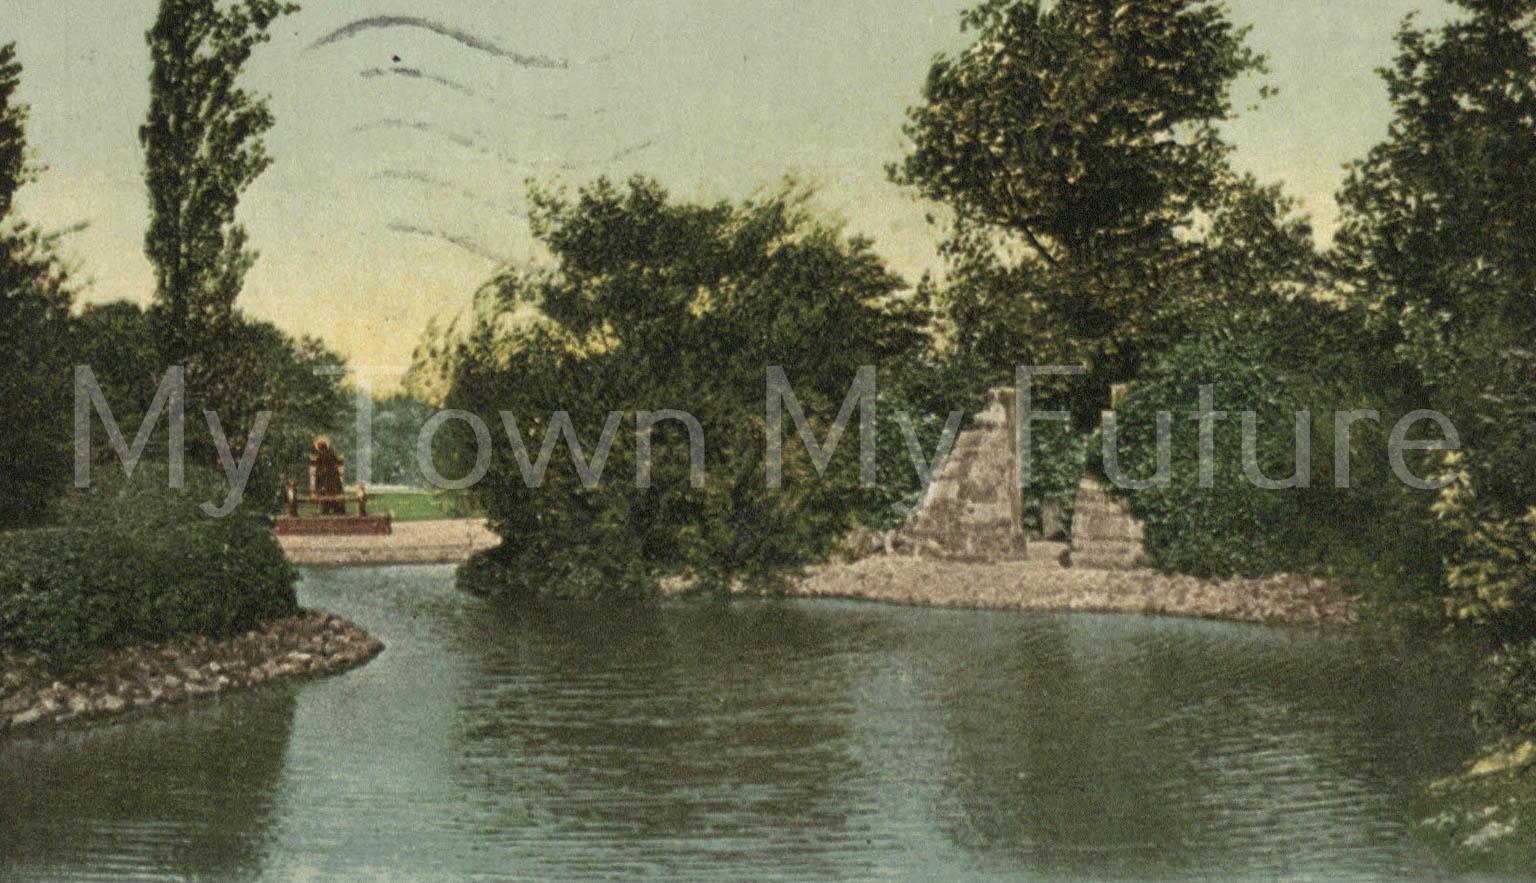 Albert Park Lake Scene - to Mrs Beadle, Postmark - 13th January 1923